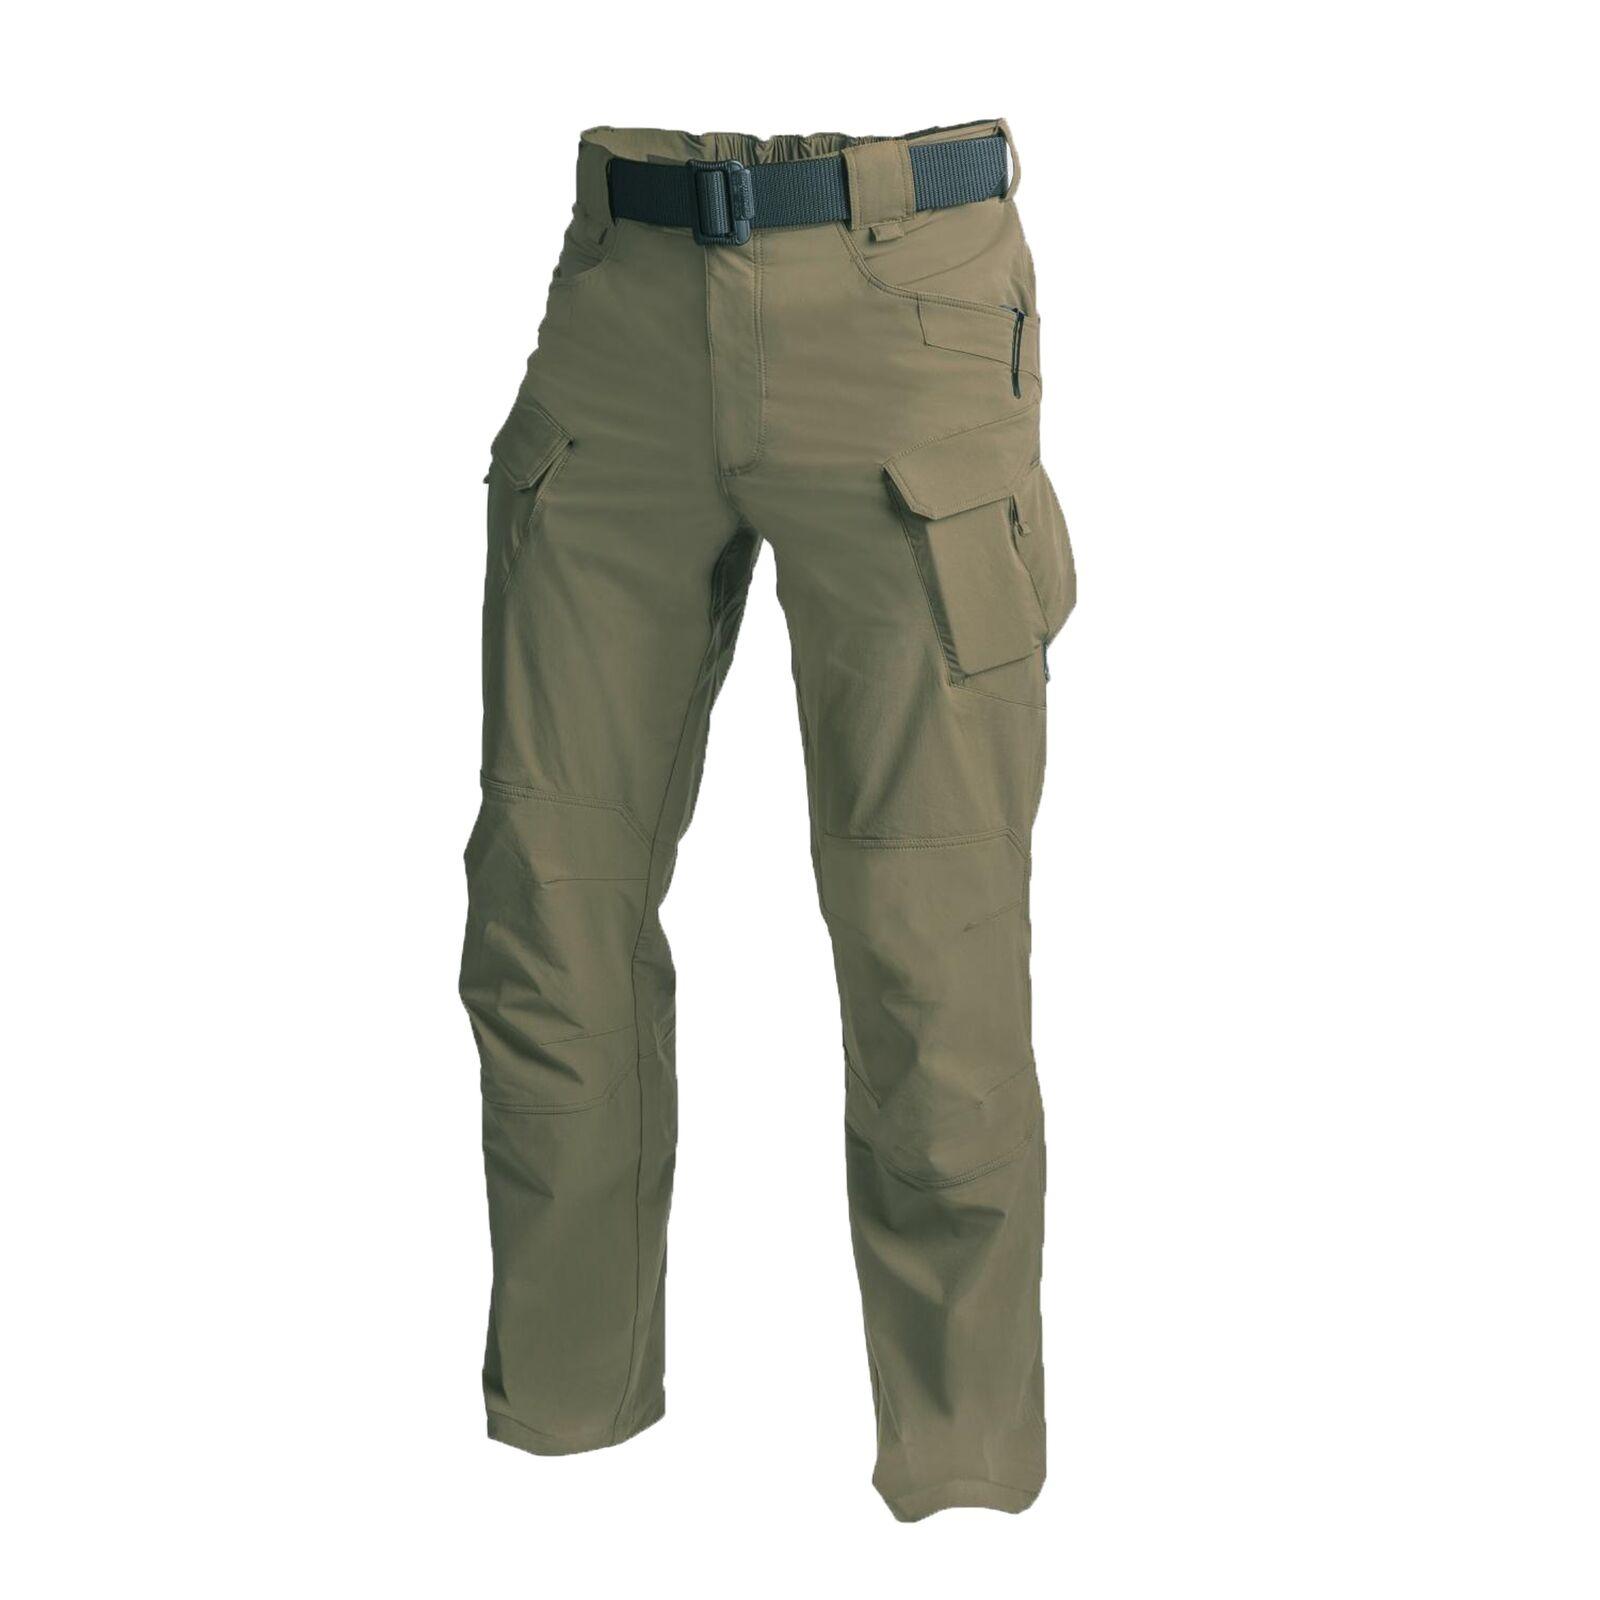 HELIKON-Tex HELIKON-Tex HELIKON-Tex OTP pantalones (outdoor Tactical Pants) - versastretch-adaptive verde 243006